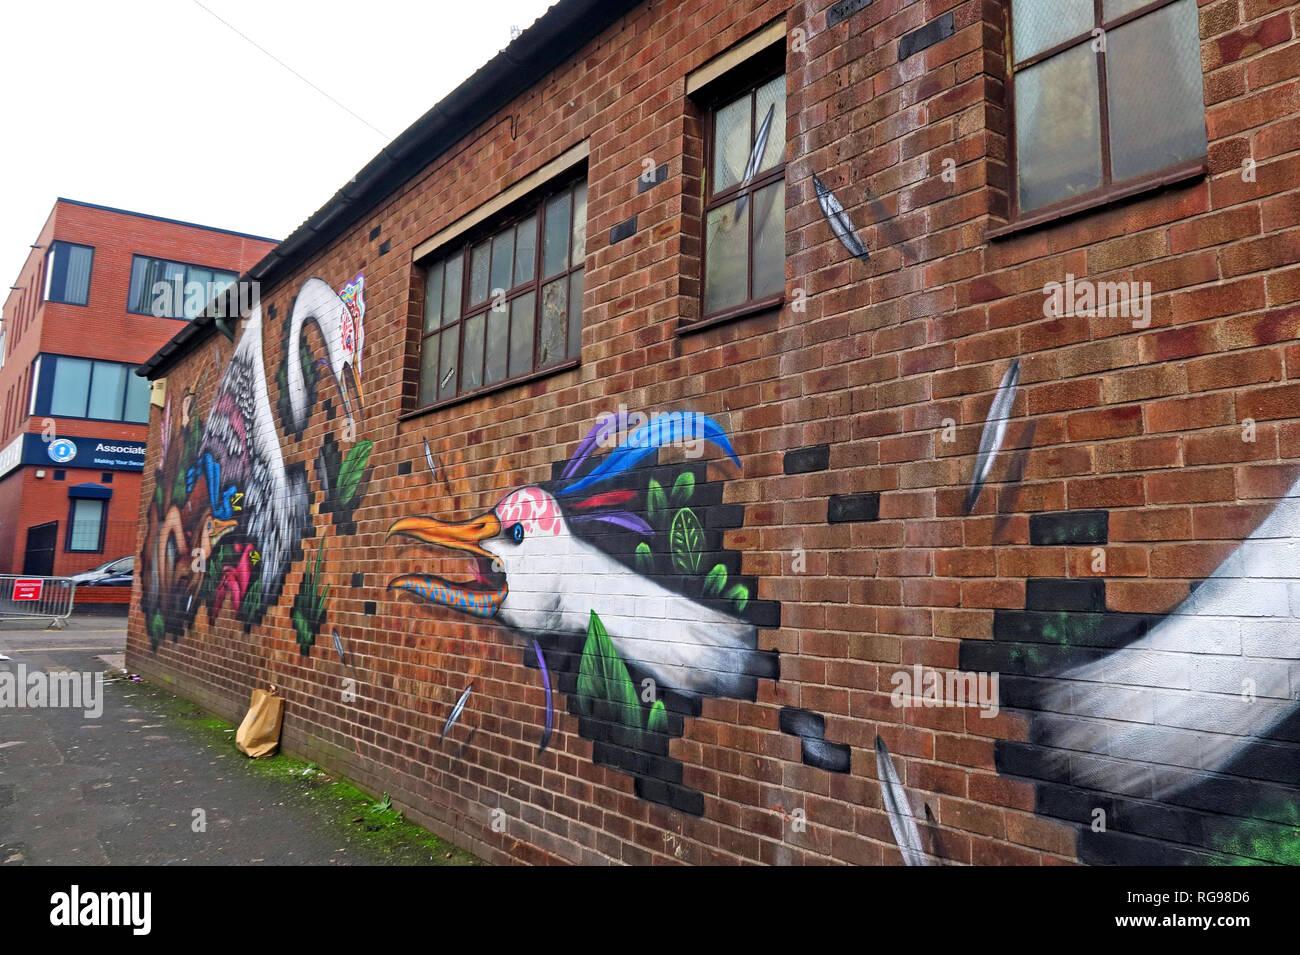 Laden Sie dieses Alamy Stockfoto Emerica Werk arbeitet, Vogel Kunst, Cross Keys St, Northern Quarter, Manchester, Stadtzentrum, North West England, UK, M 4 5 ET - RG98D6